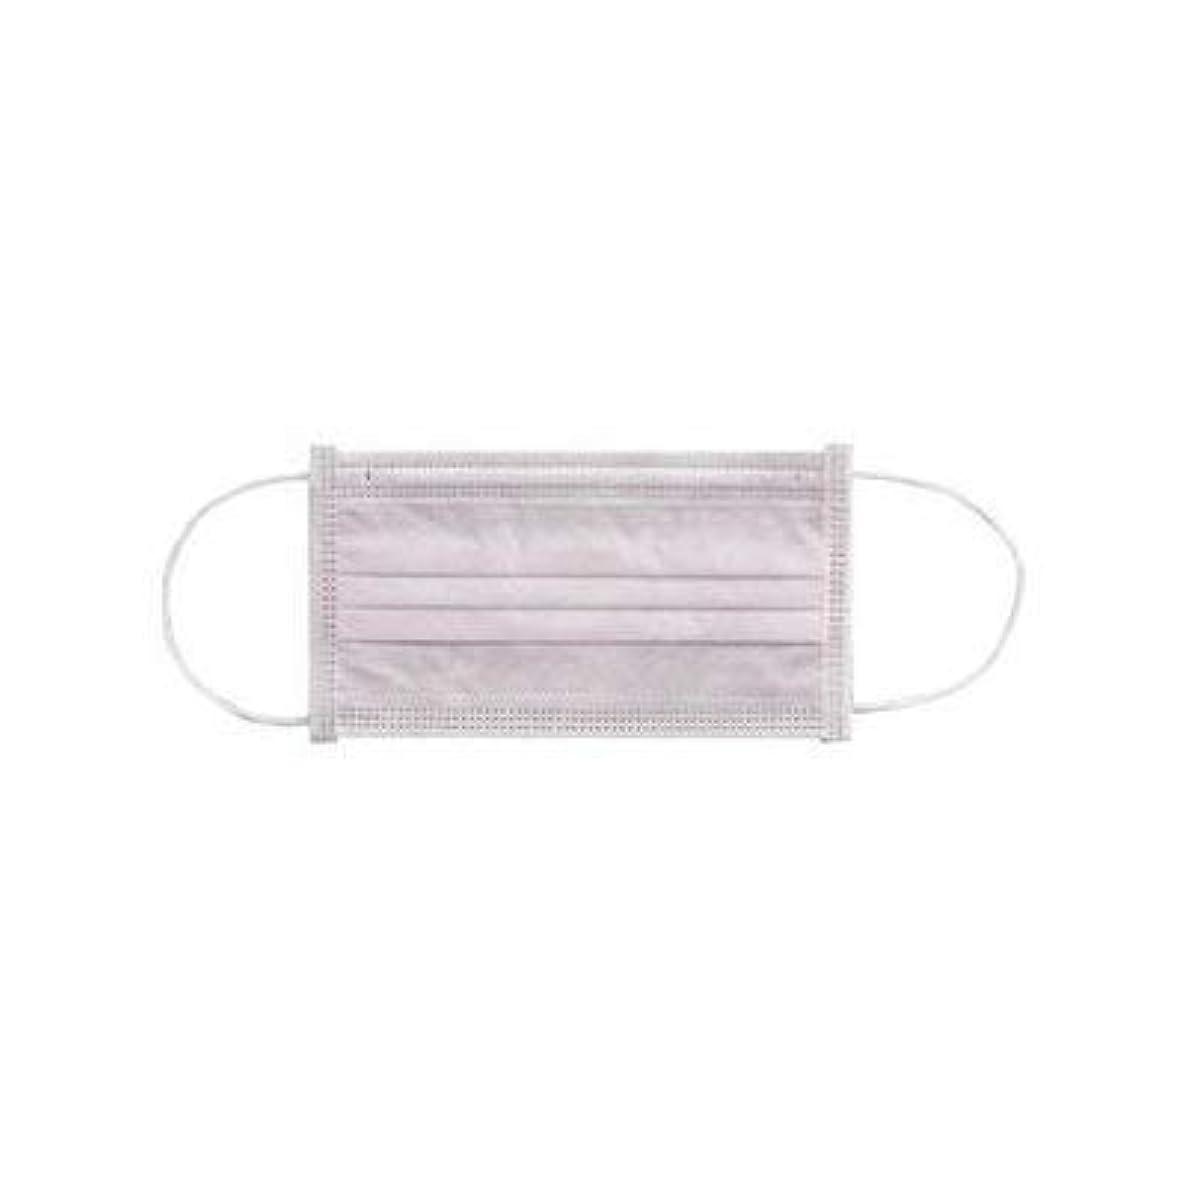 ヘルシー横向き実際に(まとめ) 川西工業 メディカルマスク3PLY ピンク【×30セット】 ds-2157579